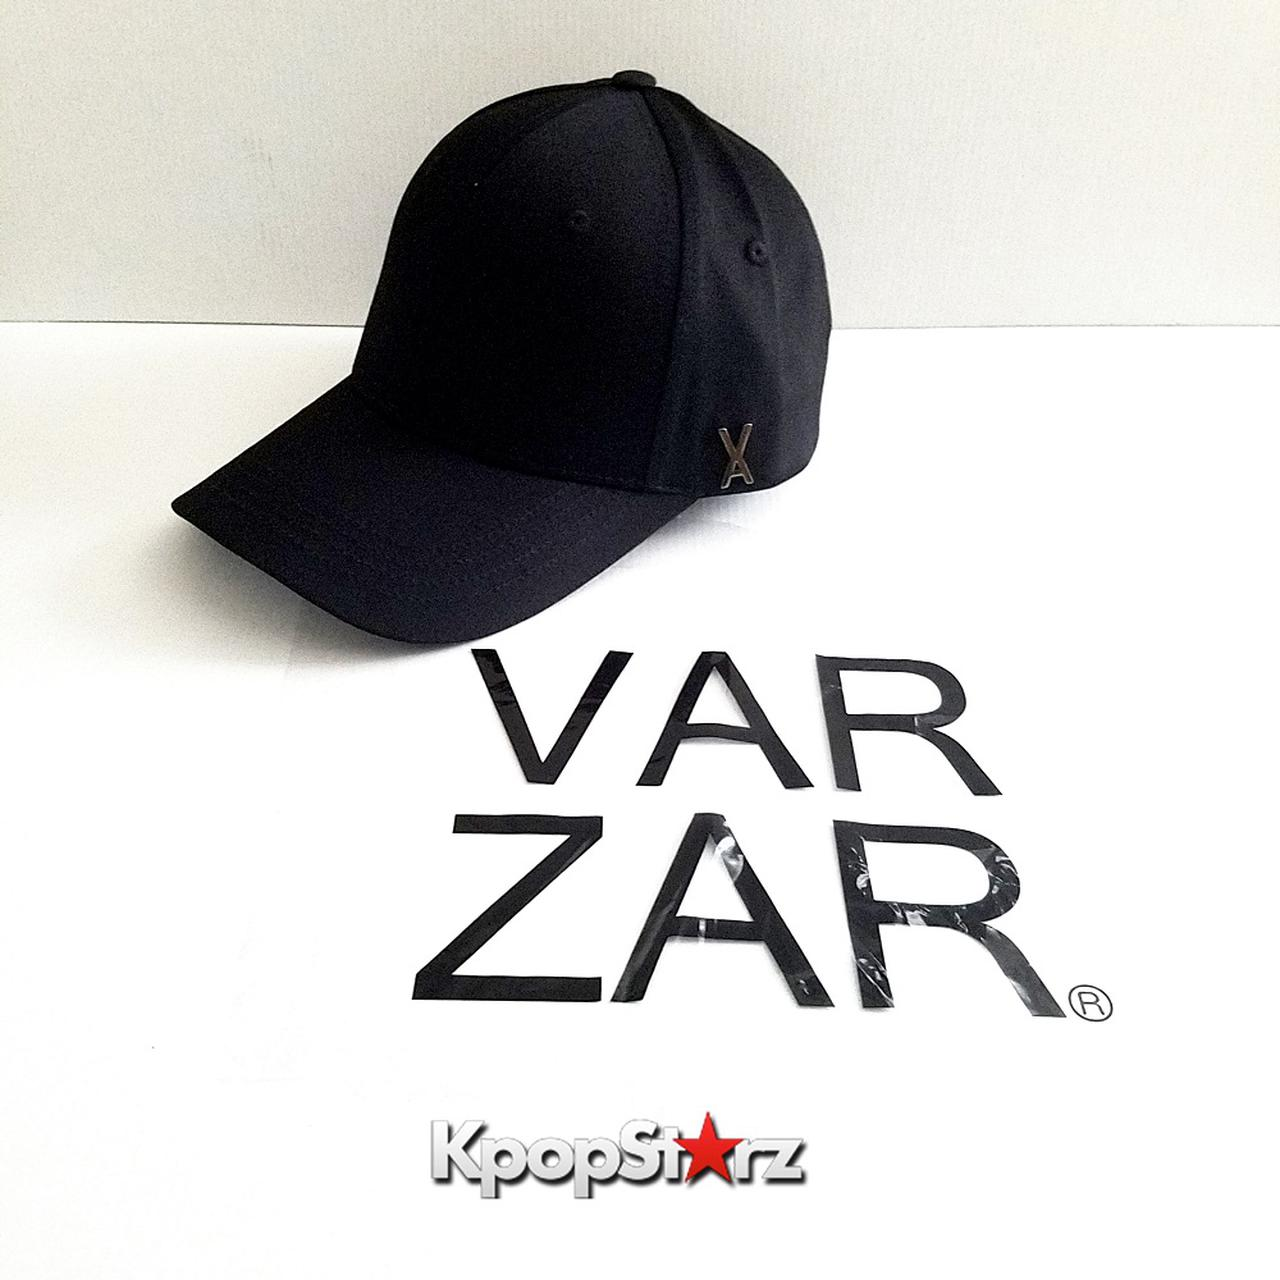 画像2: 【VARZAR】 Stud logo over fit ball cap / Model496